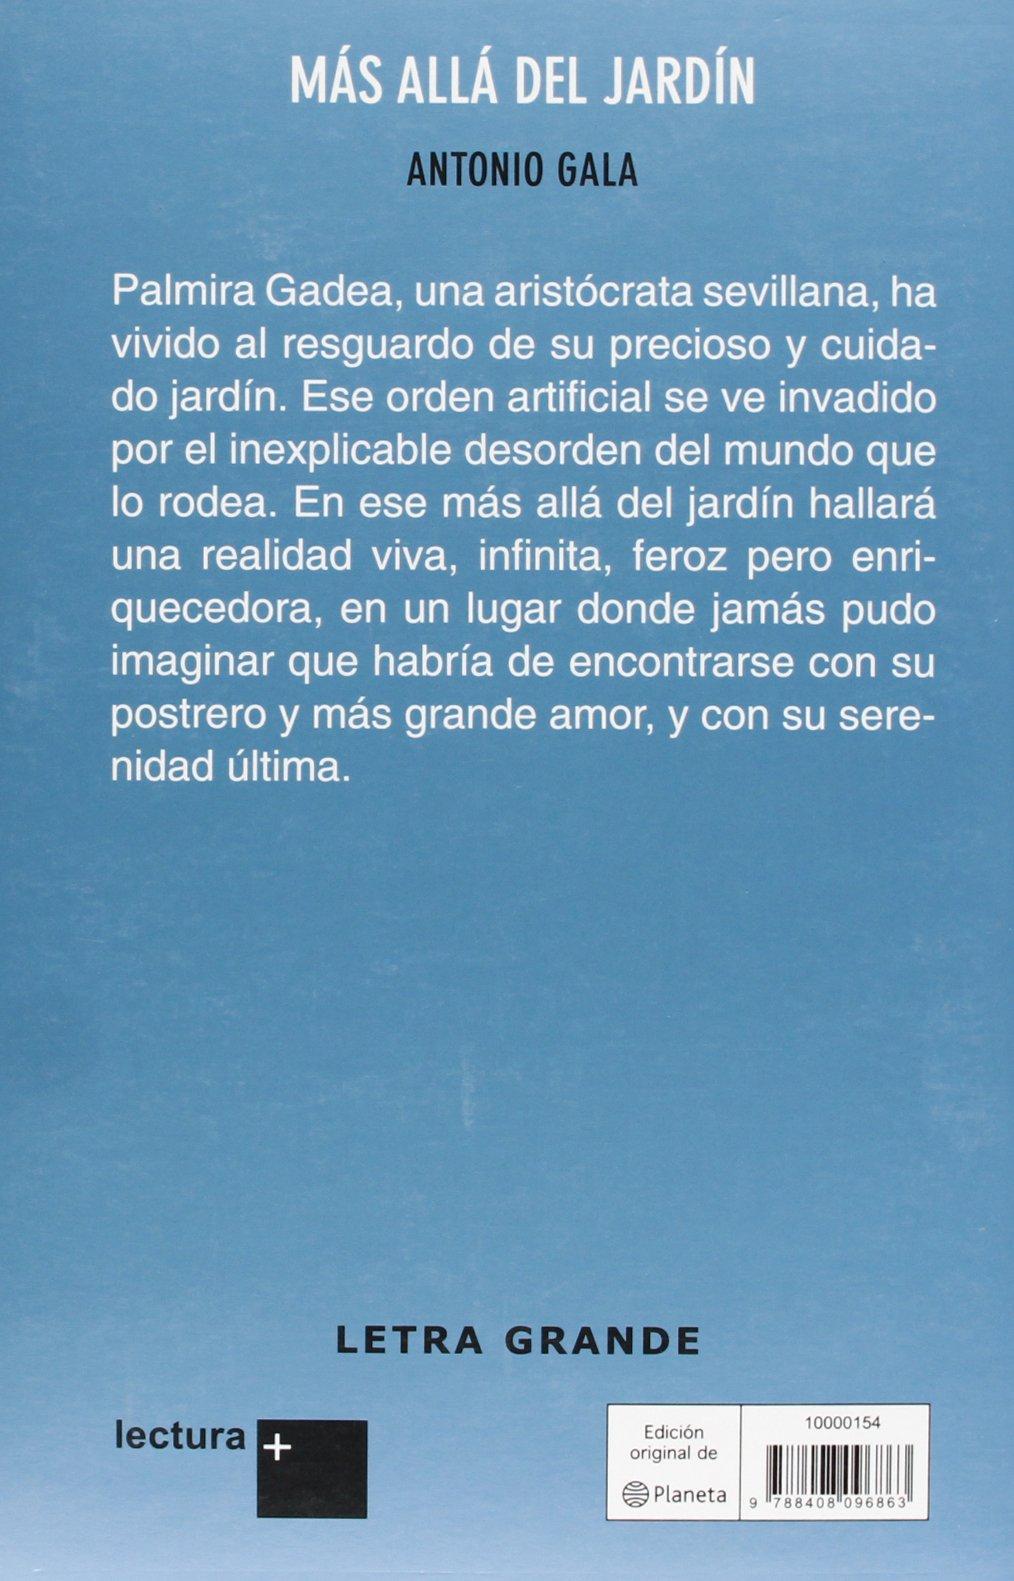 Más allá del jardín (Lectura +): Amazon.es: Gala, Antonio: Libros